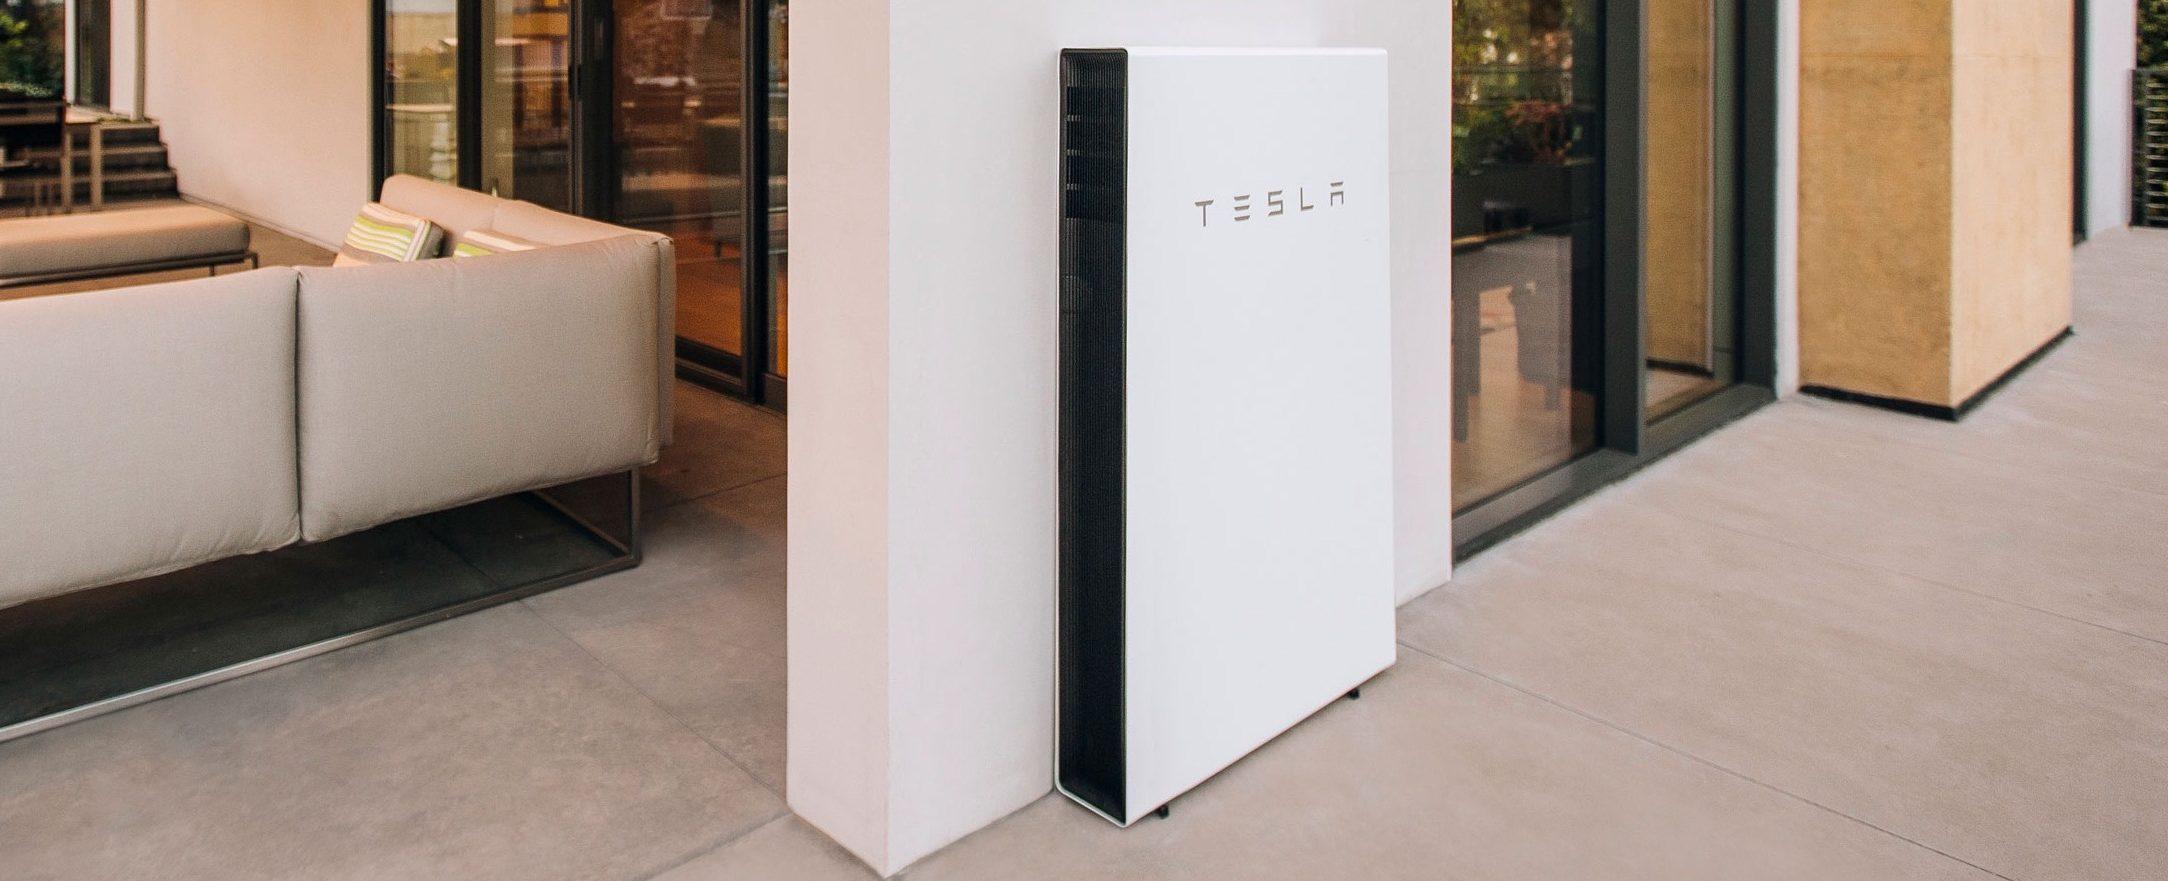 Tesla Home Pack